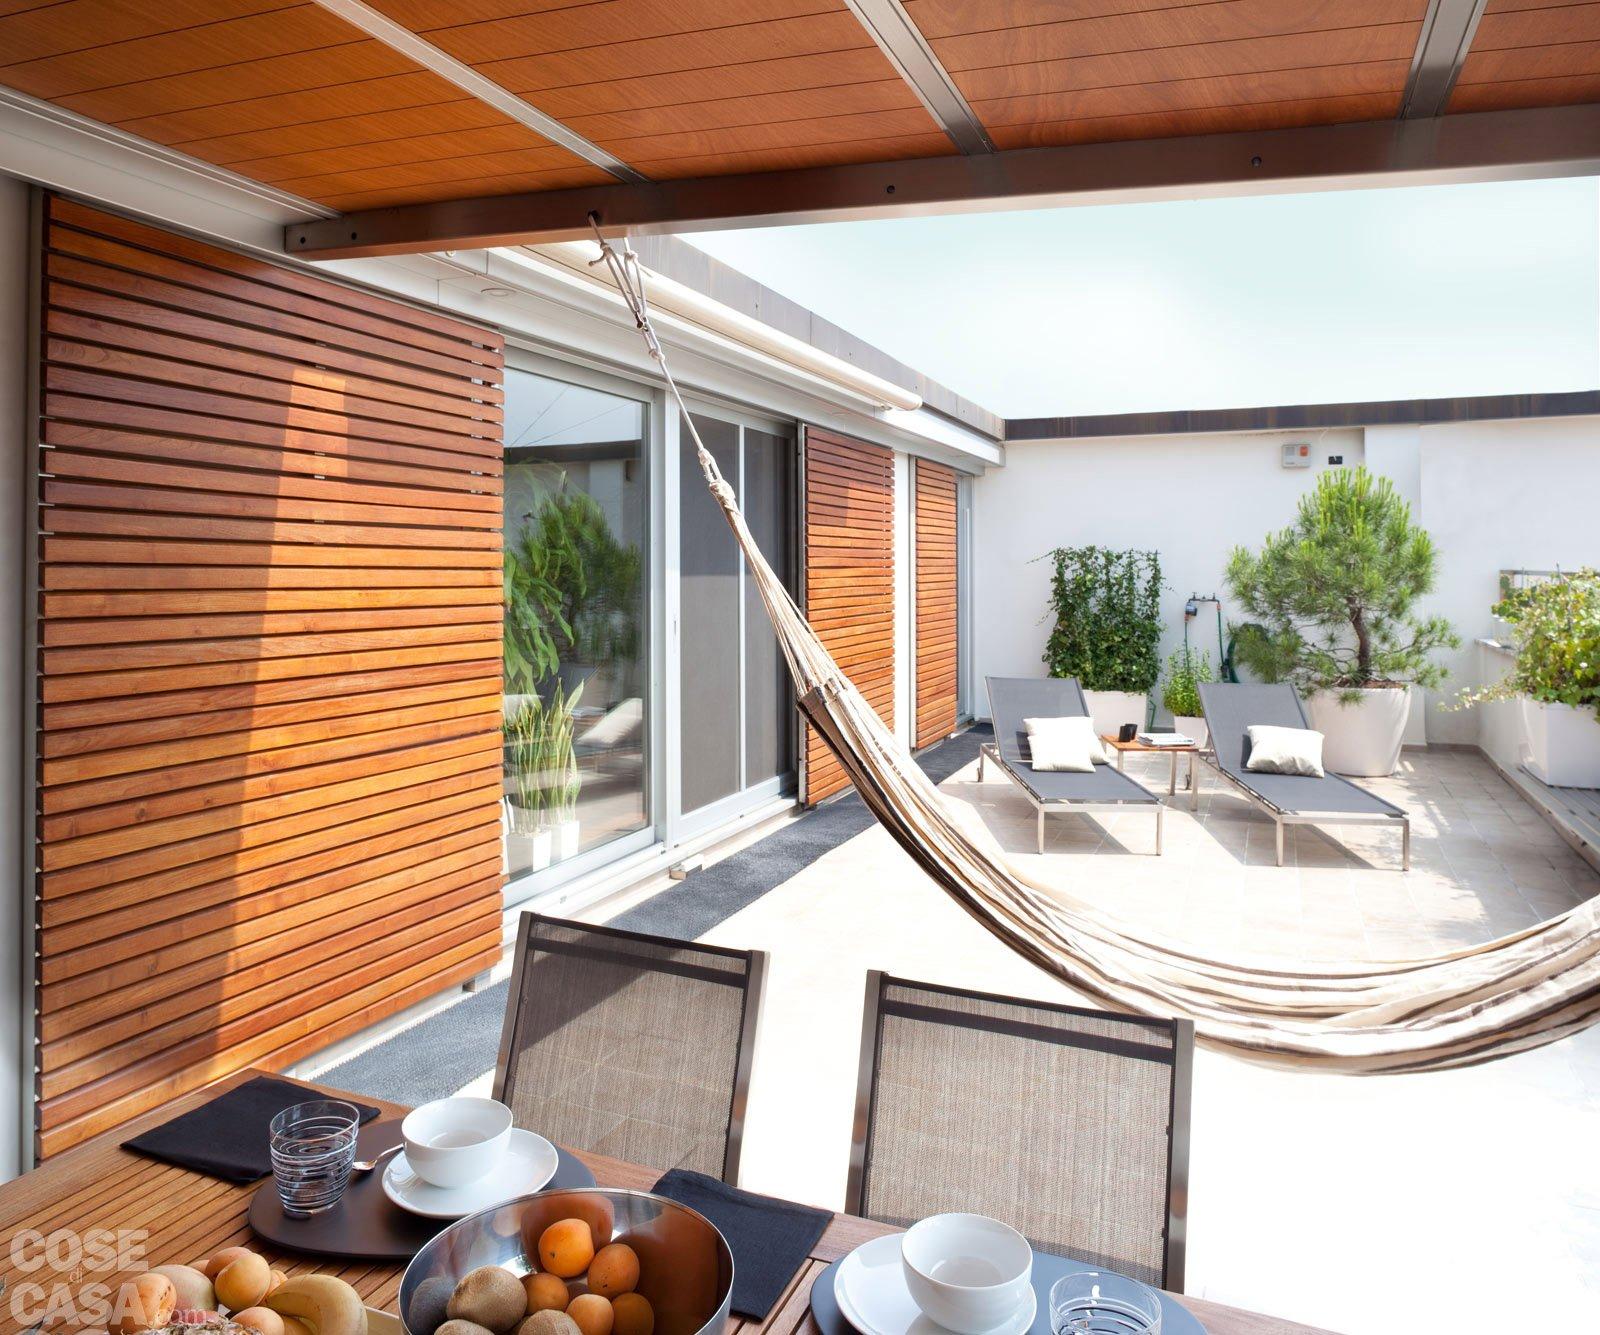 80 mq una casa per due perfetta per fare inviti cose - Mobile terrazzo legno ...